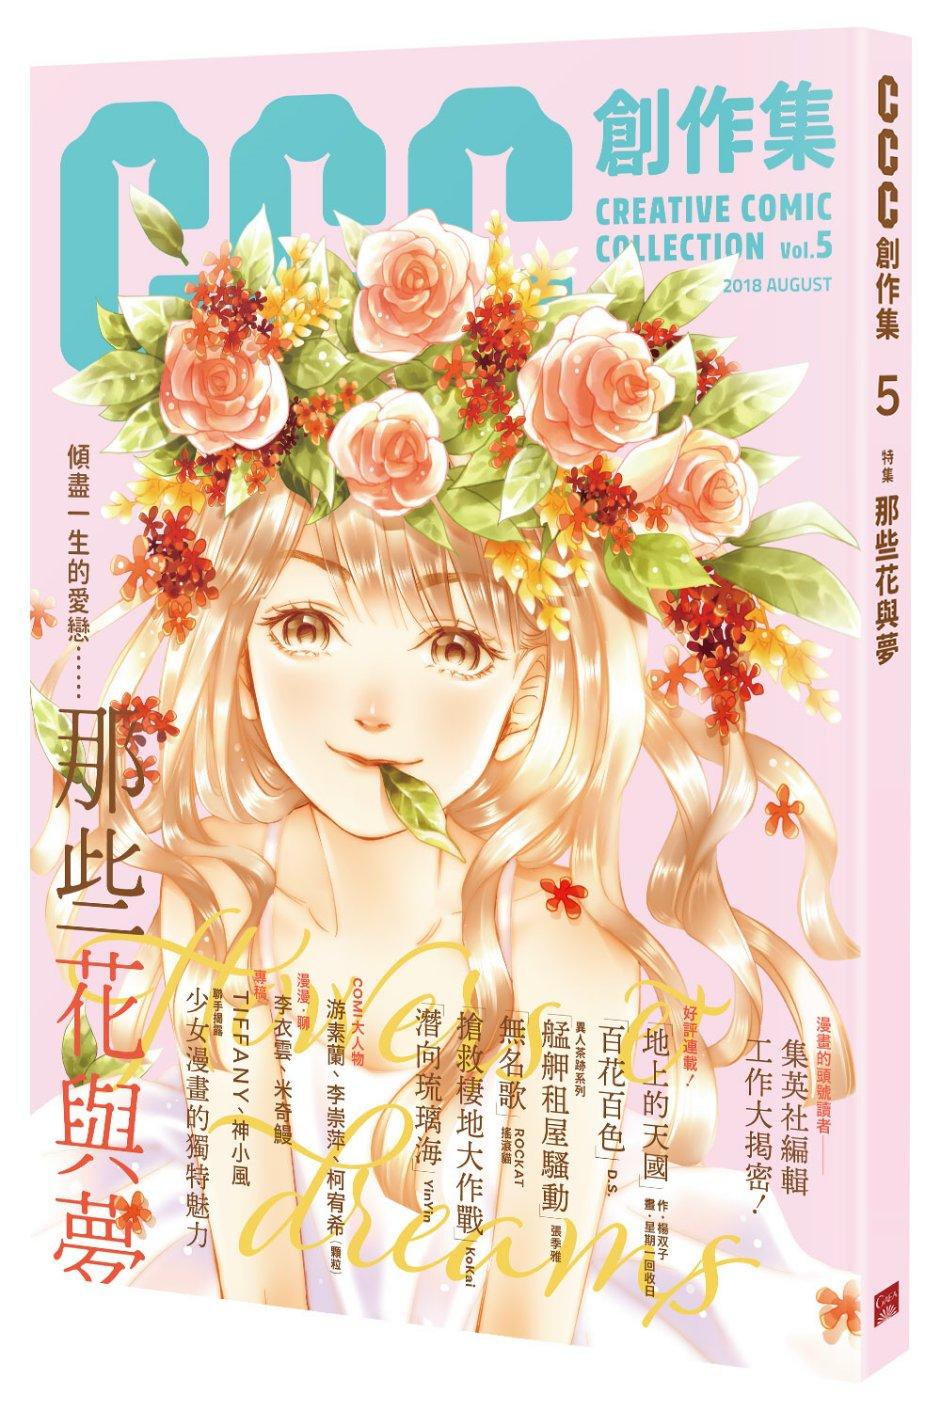 ◤博客來BOOKS◢ 暢銷書榜《推薦》那些花與夢:CCC創作集5號